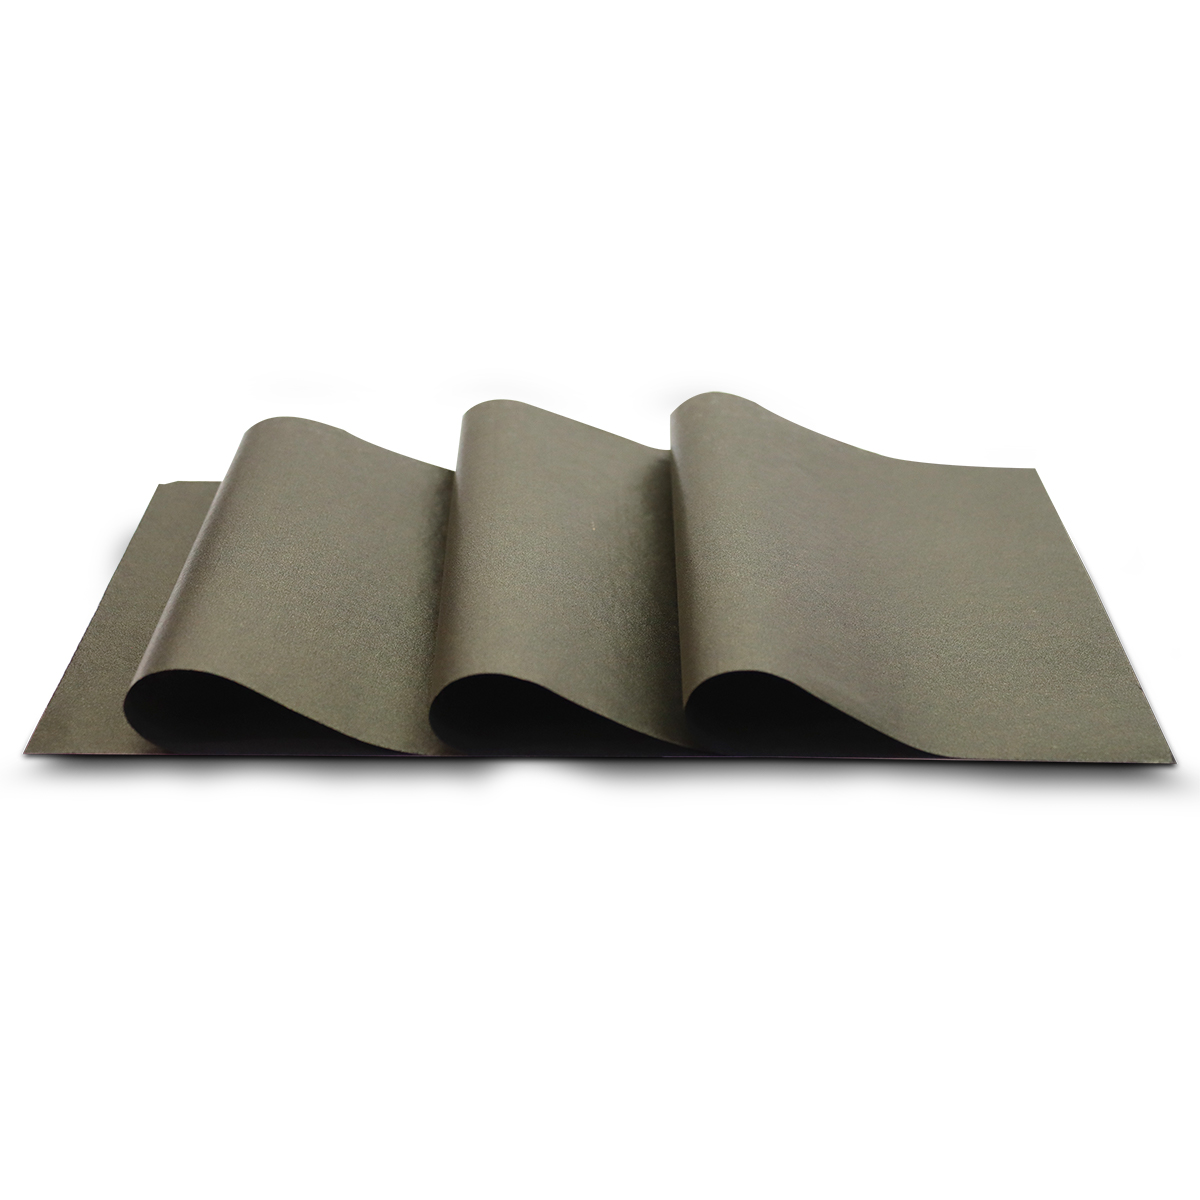 Vloeipapier - Pearlesence